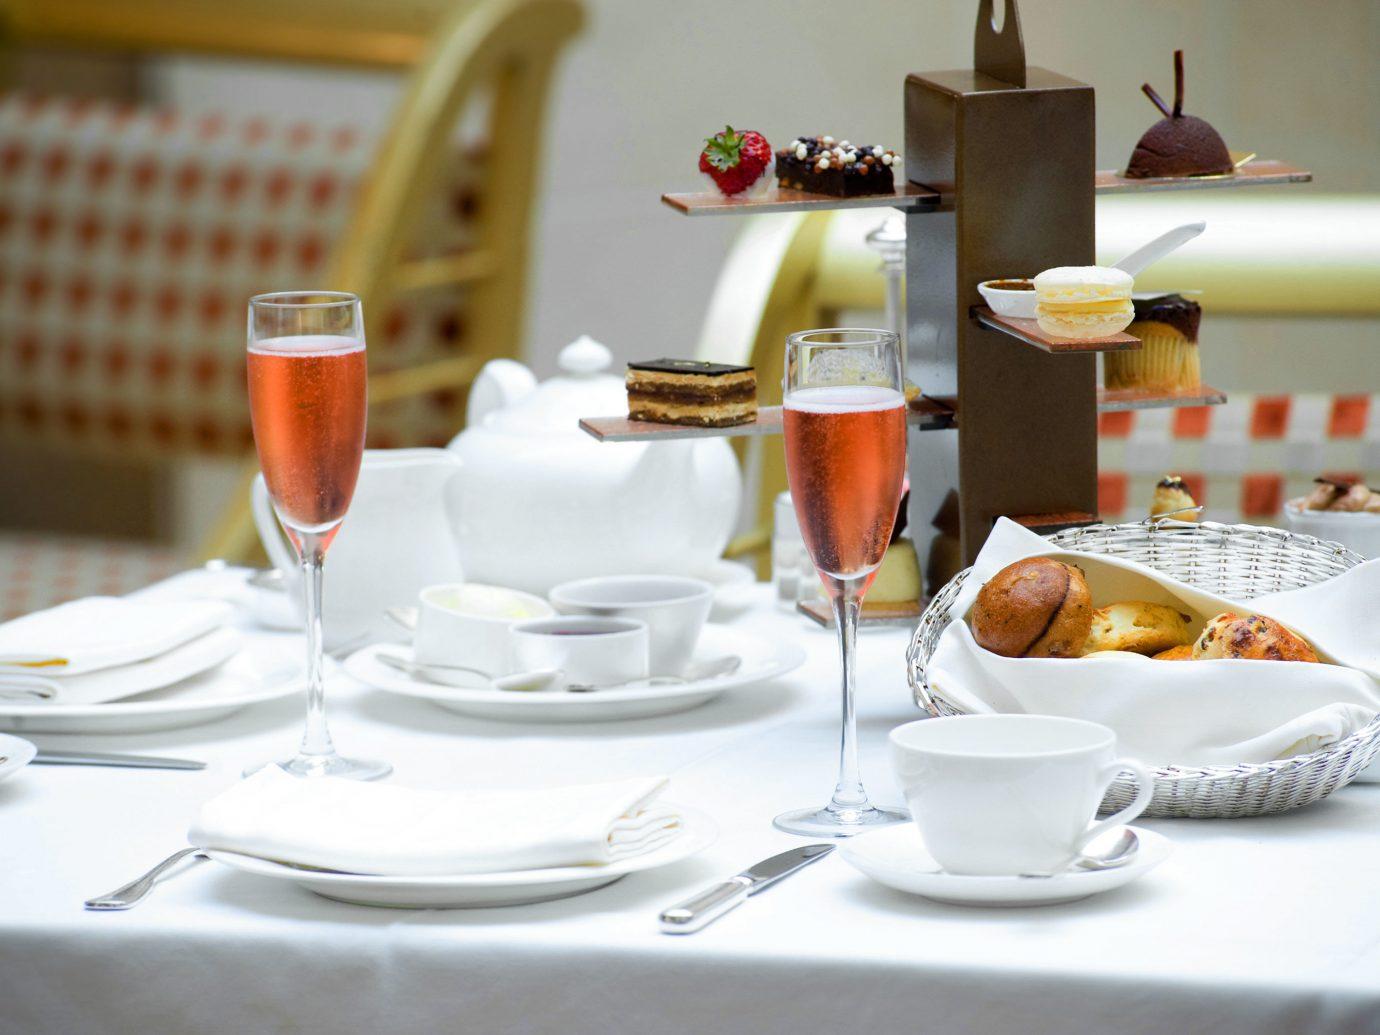 Bar Dining Drink Eat Elegant Food + Drink Modern table plate food indoor meal brunch restaurant breakfast dinner set dining table